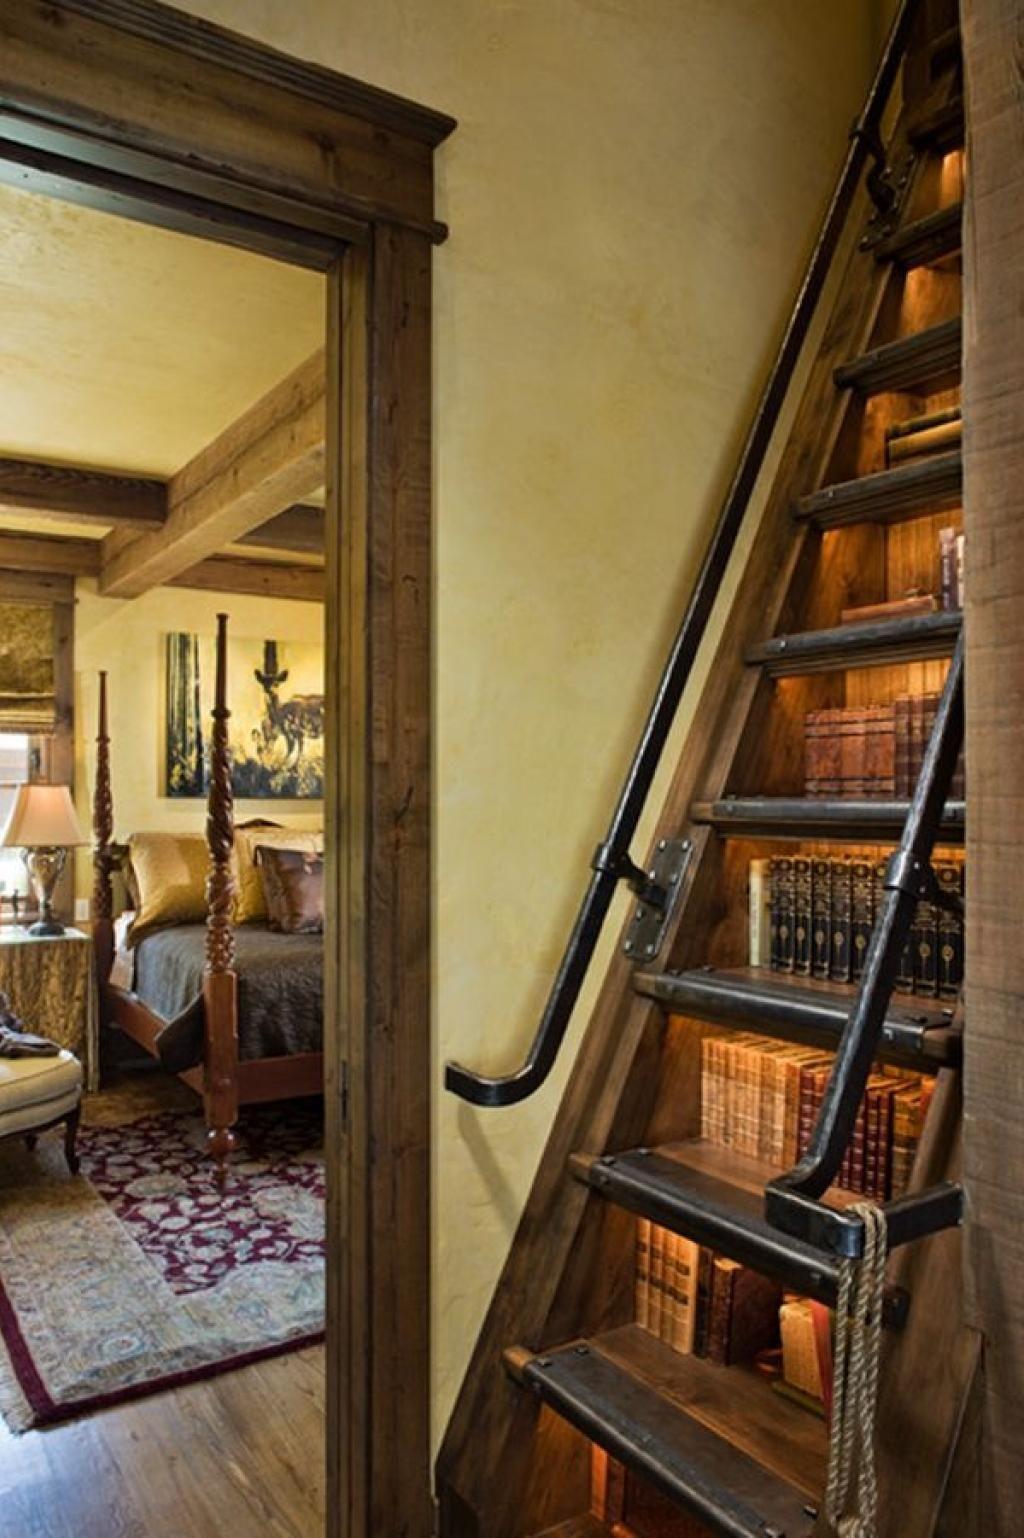 Ces bibliothèques hors du commun vous donneront envie de lire dans toutes les pièces de la maison!!